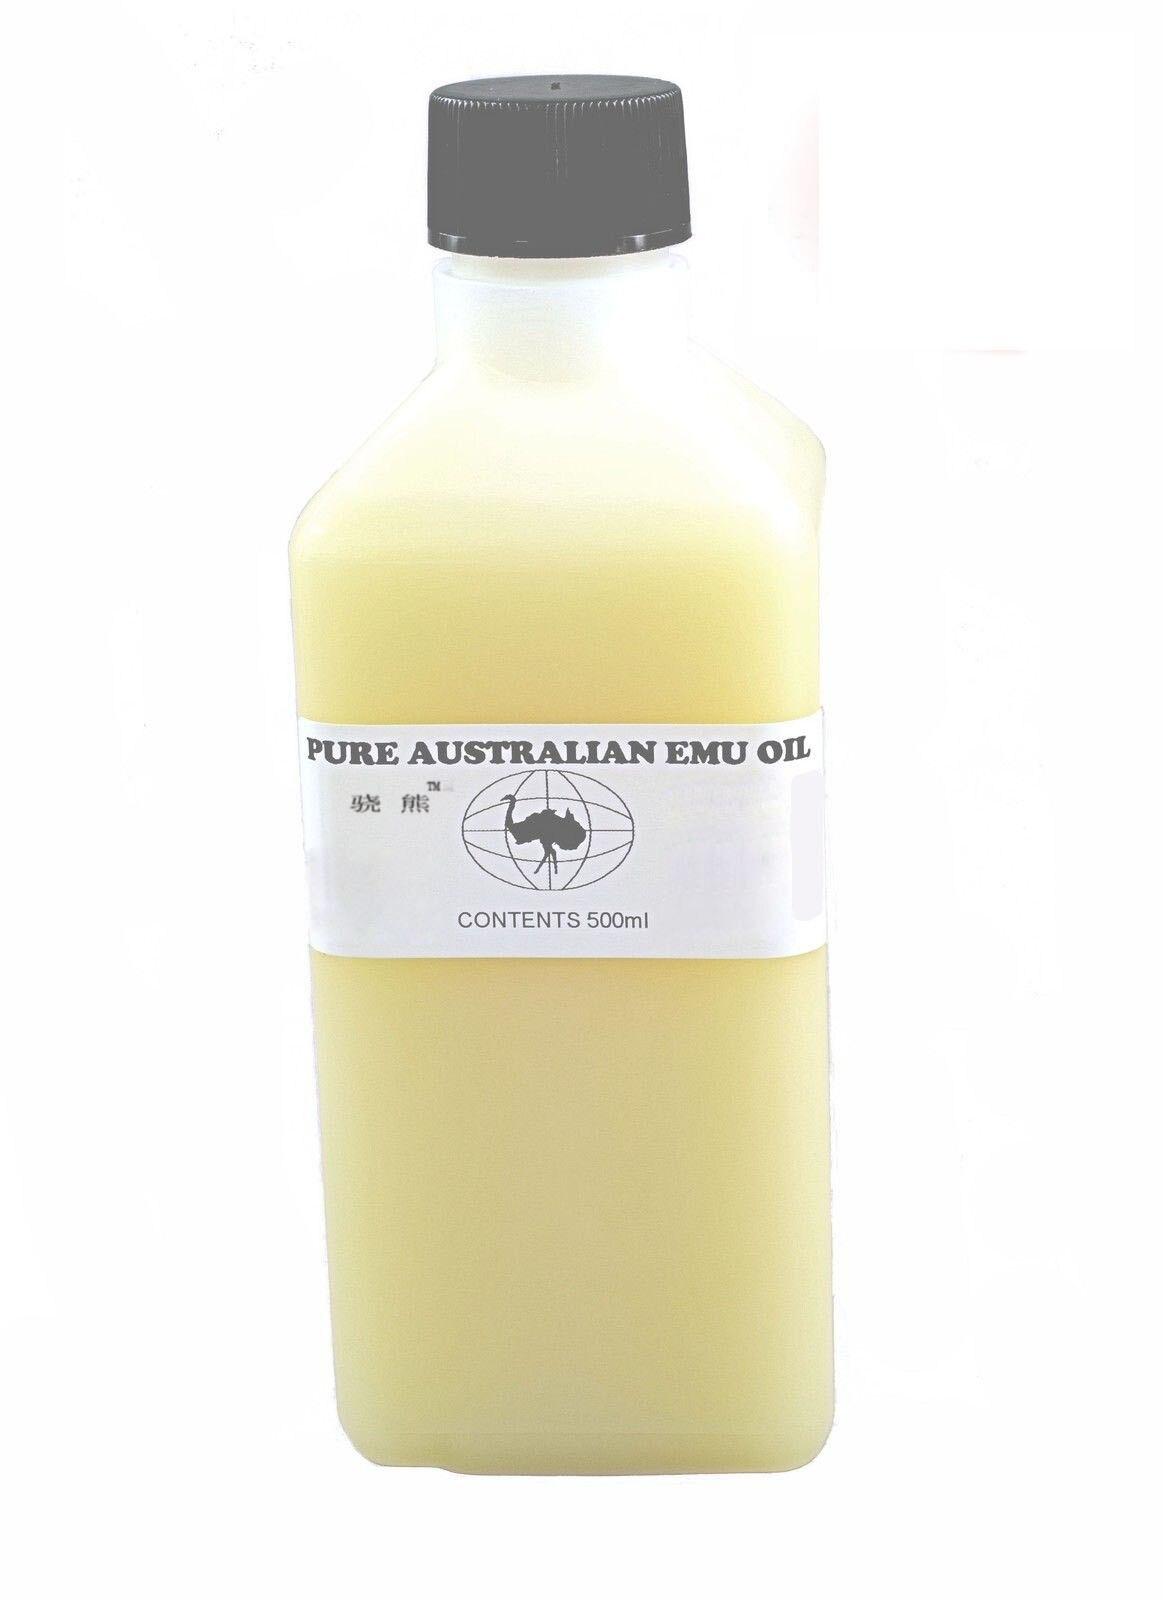 Nouvelle huile d'émeu australienne 500 ml 100% Pure parfaite pour la peau/cheveux/muscles/articulations livraison gratuite